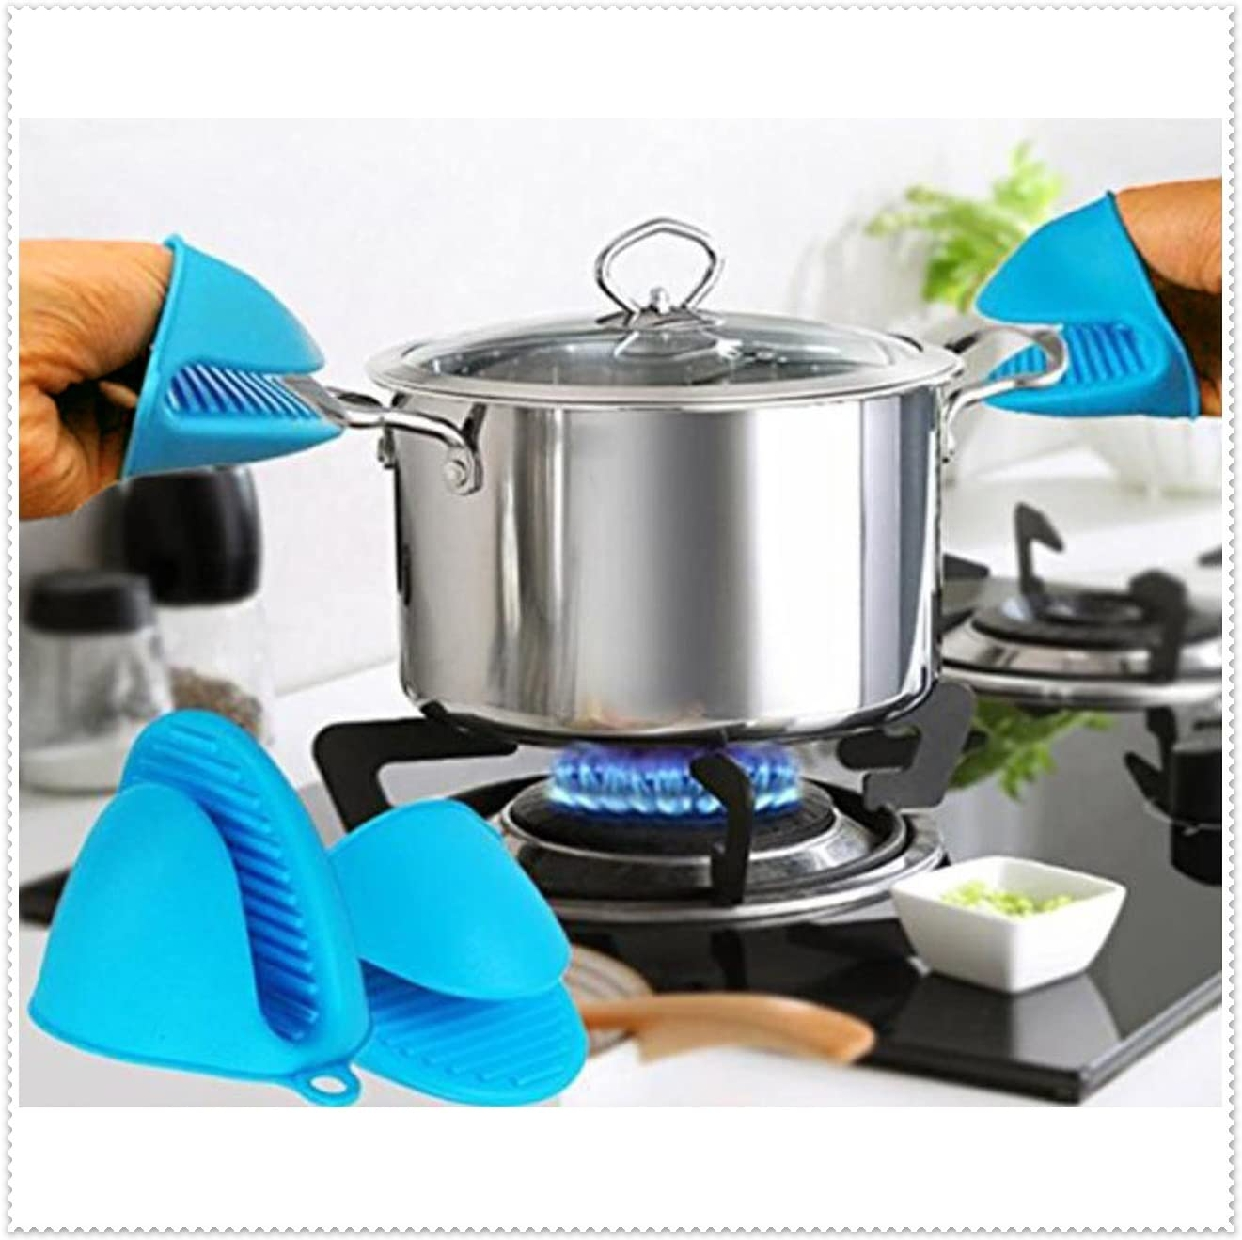 Fumemo(フメモ)鍋つかみ 水色 2個セットの商品画像2